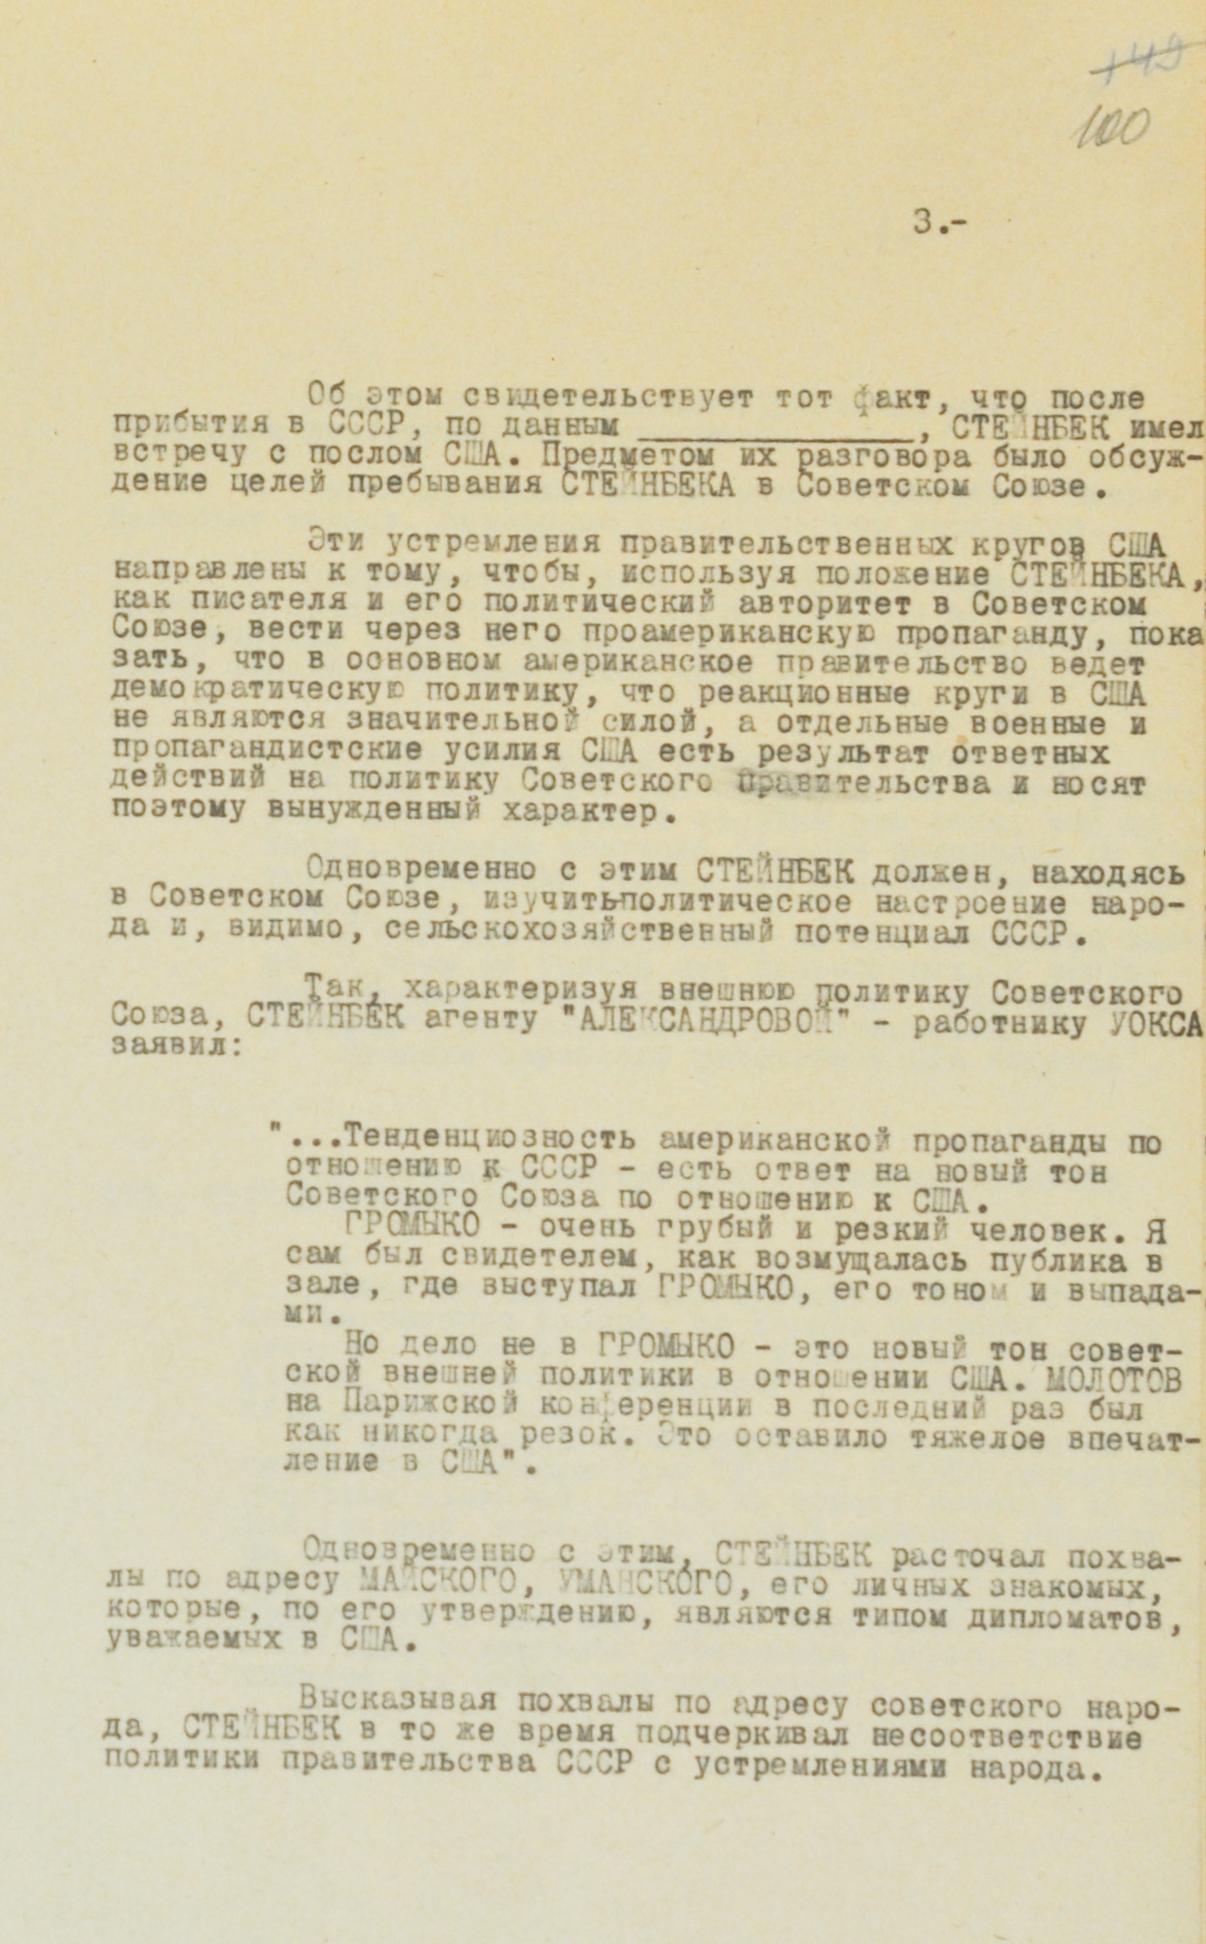 Полный текст «Специального сообщения о пребывании на Украине американского писателя Стейнбека» МГБ УССР на семи листах